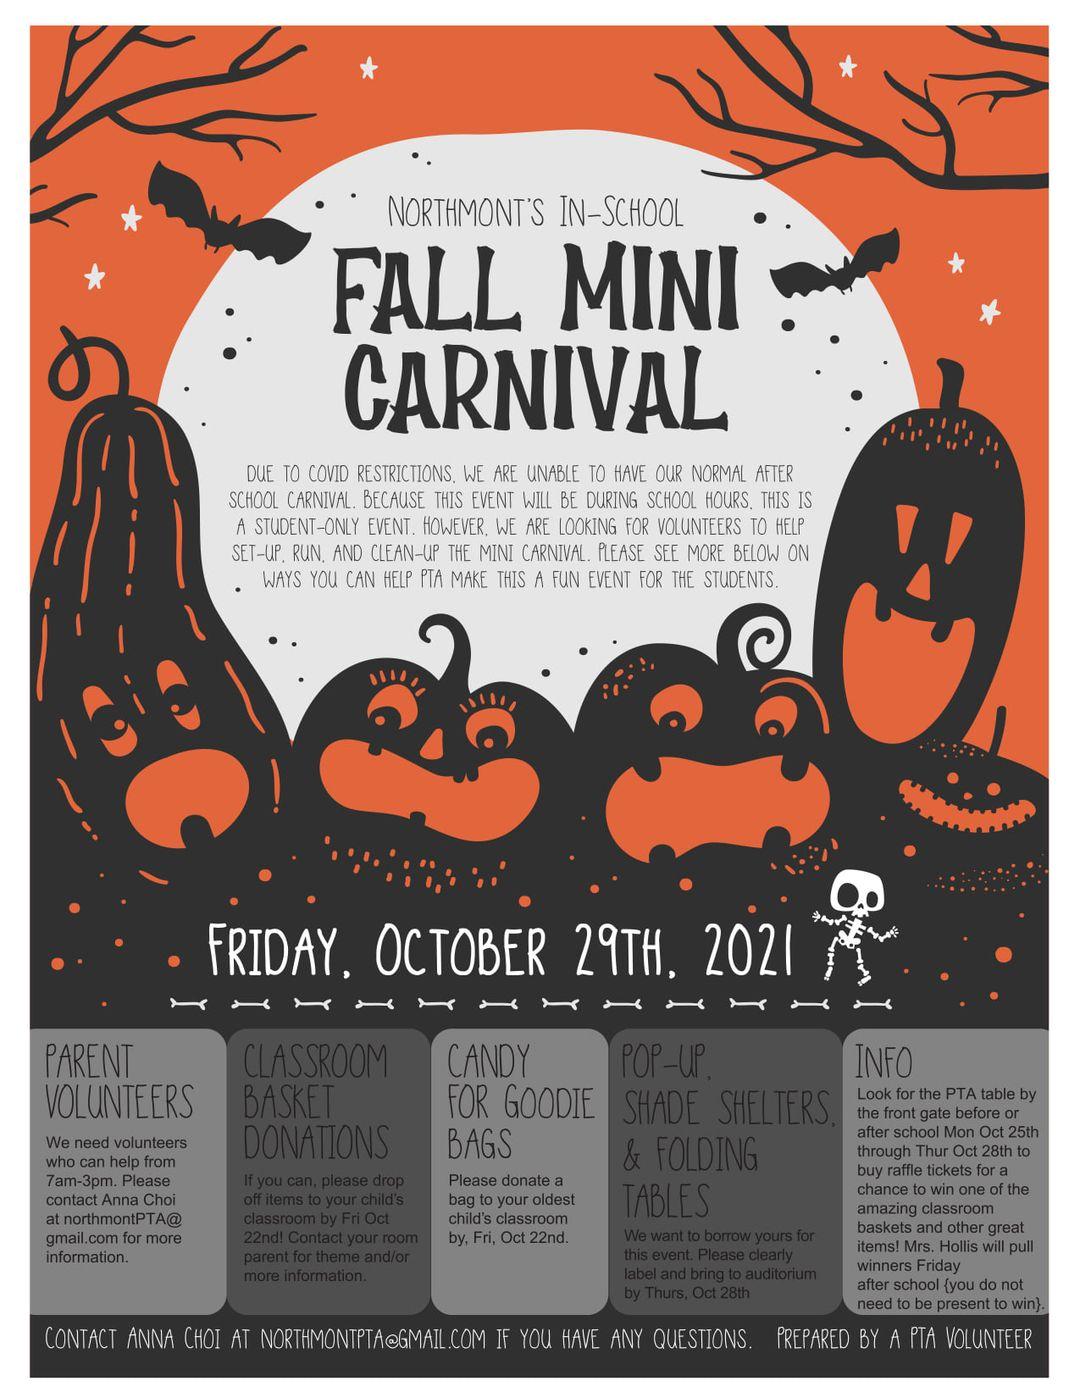 Fall Mini Carnival flyer